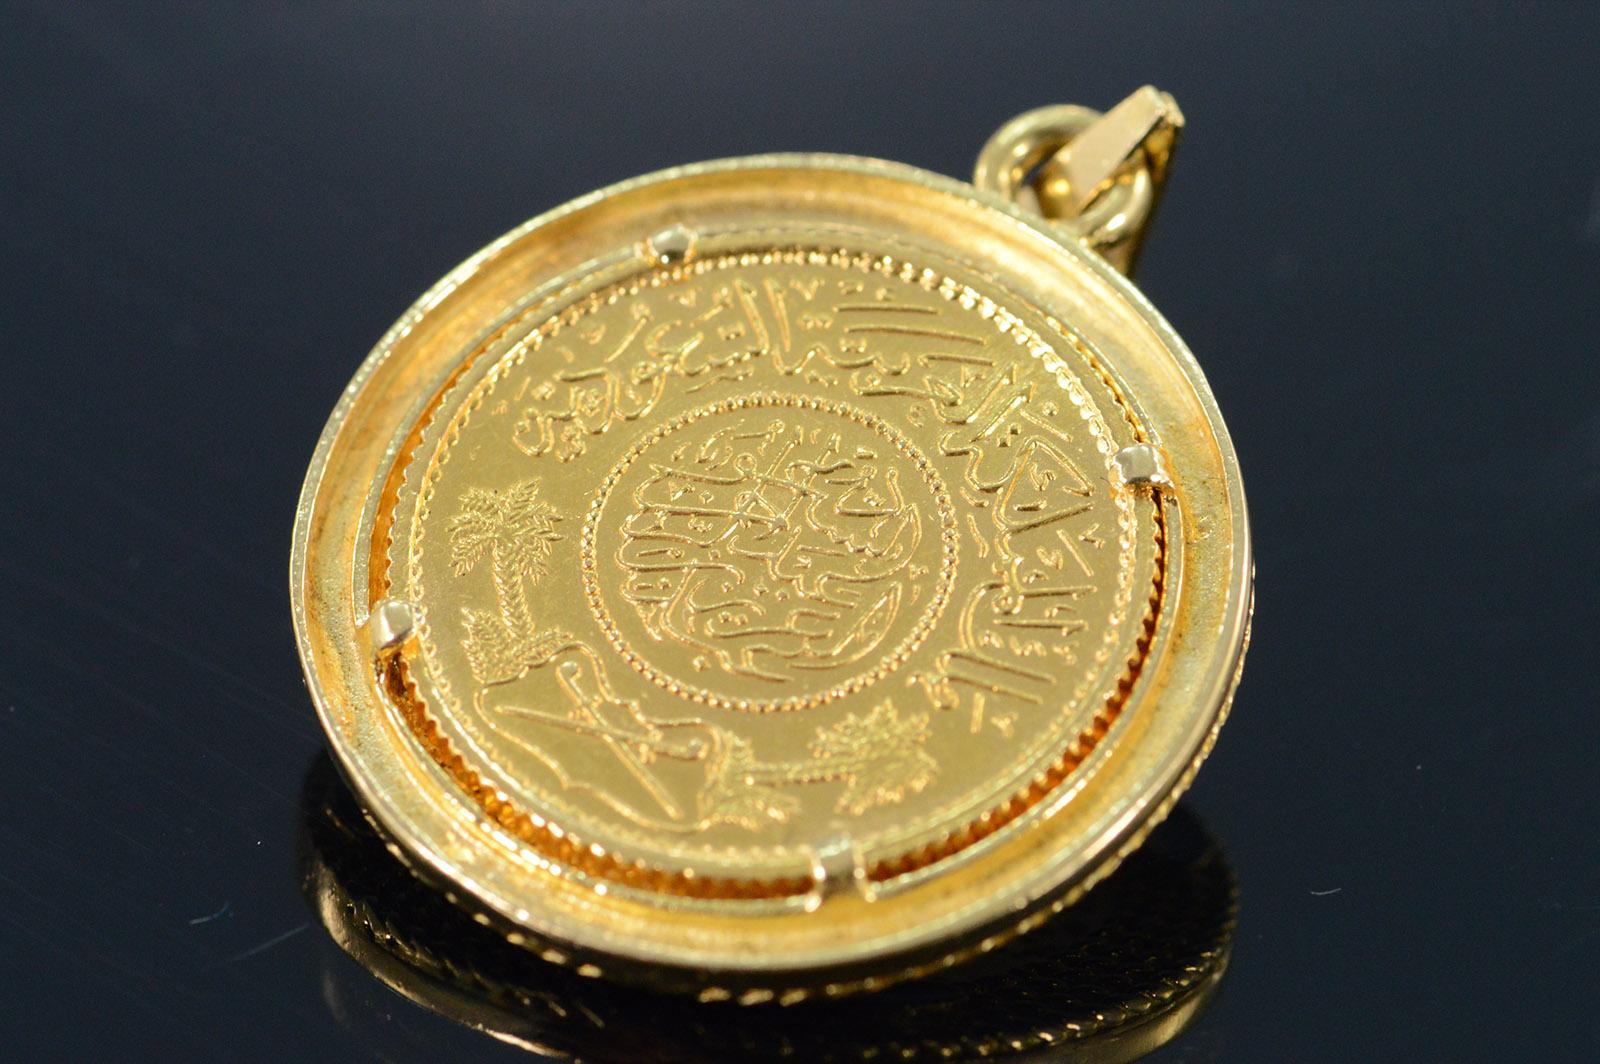 18k 13 3g Saudi Arabia Gold Coin Fancy Enamel Bezel Yellow